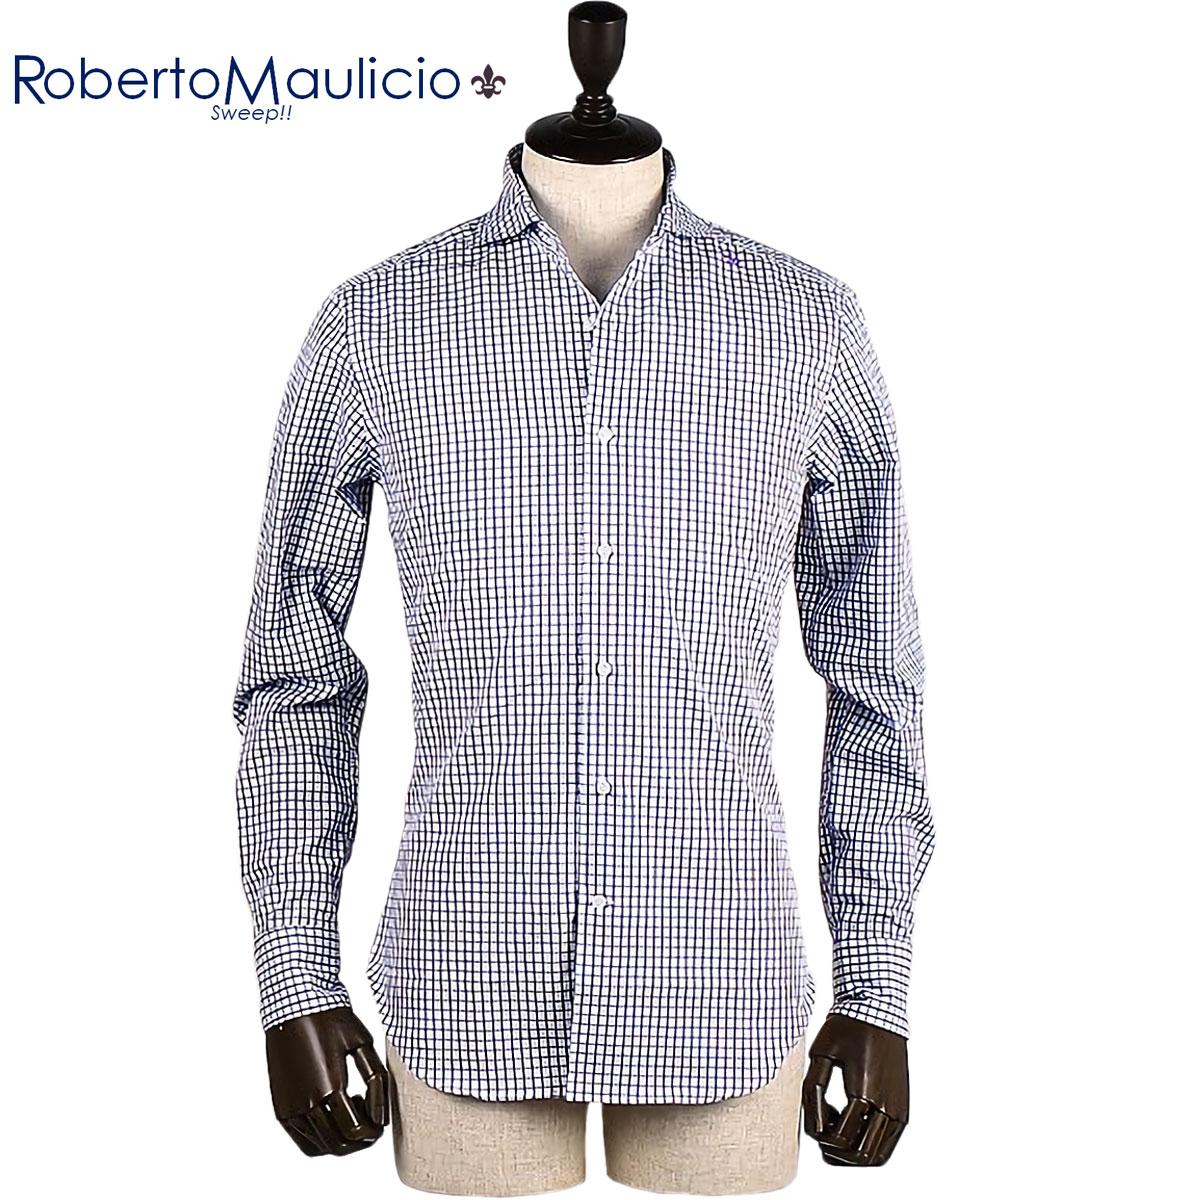 コットンシャツ メンズ (ホワイト) ROBERTO ラインチェック柄 ロベルトマウリシオ SWEEP!! MAULICIO スウィープ